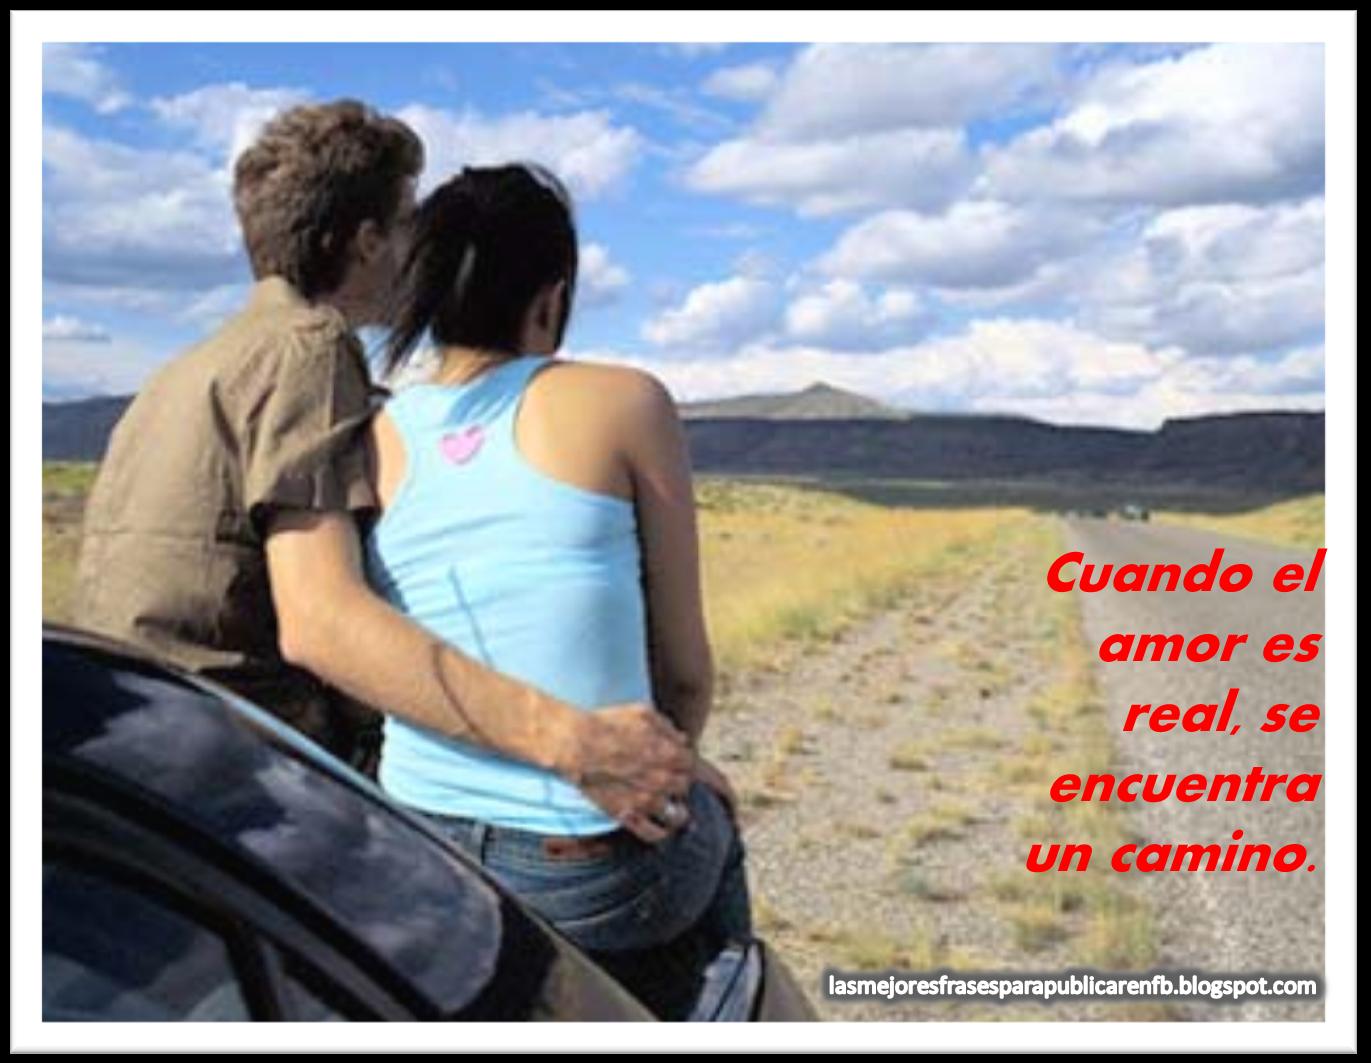 Frases De Amor: Cuando El Amor Es Real Se Encuentra